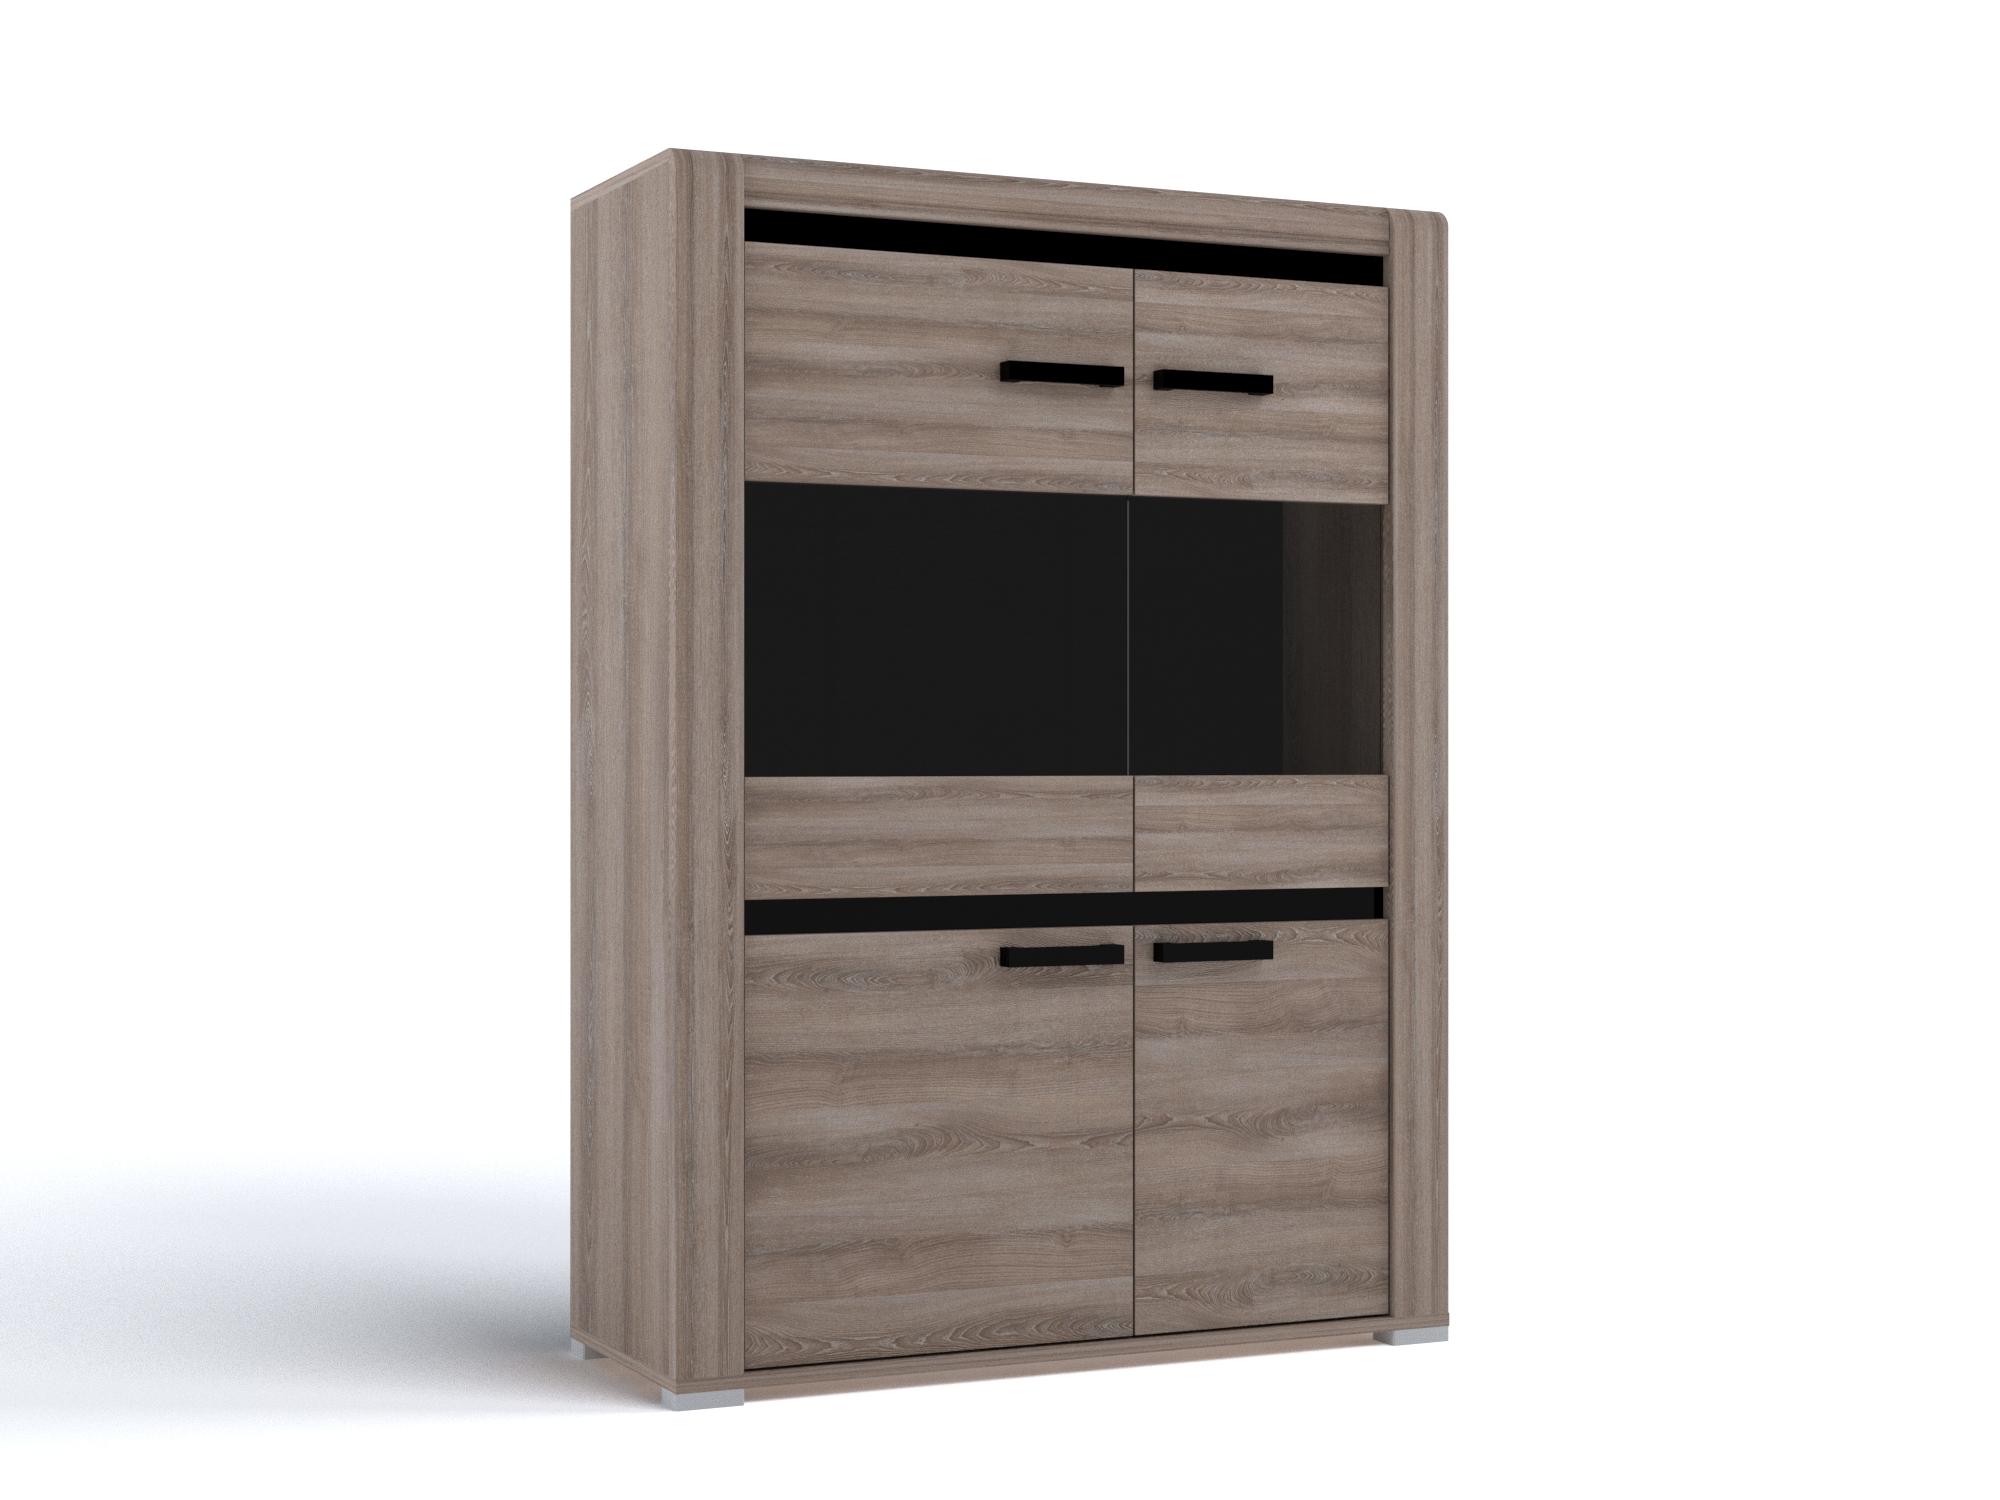 Шкаф низкий Бруна Ясень Таормино, Коричневый, ЛДСП, МДФ, ЛДСП (16 мм)